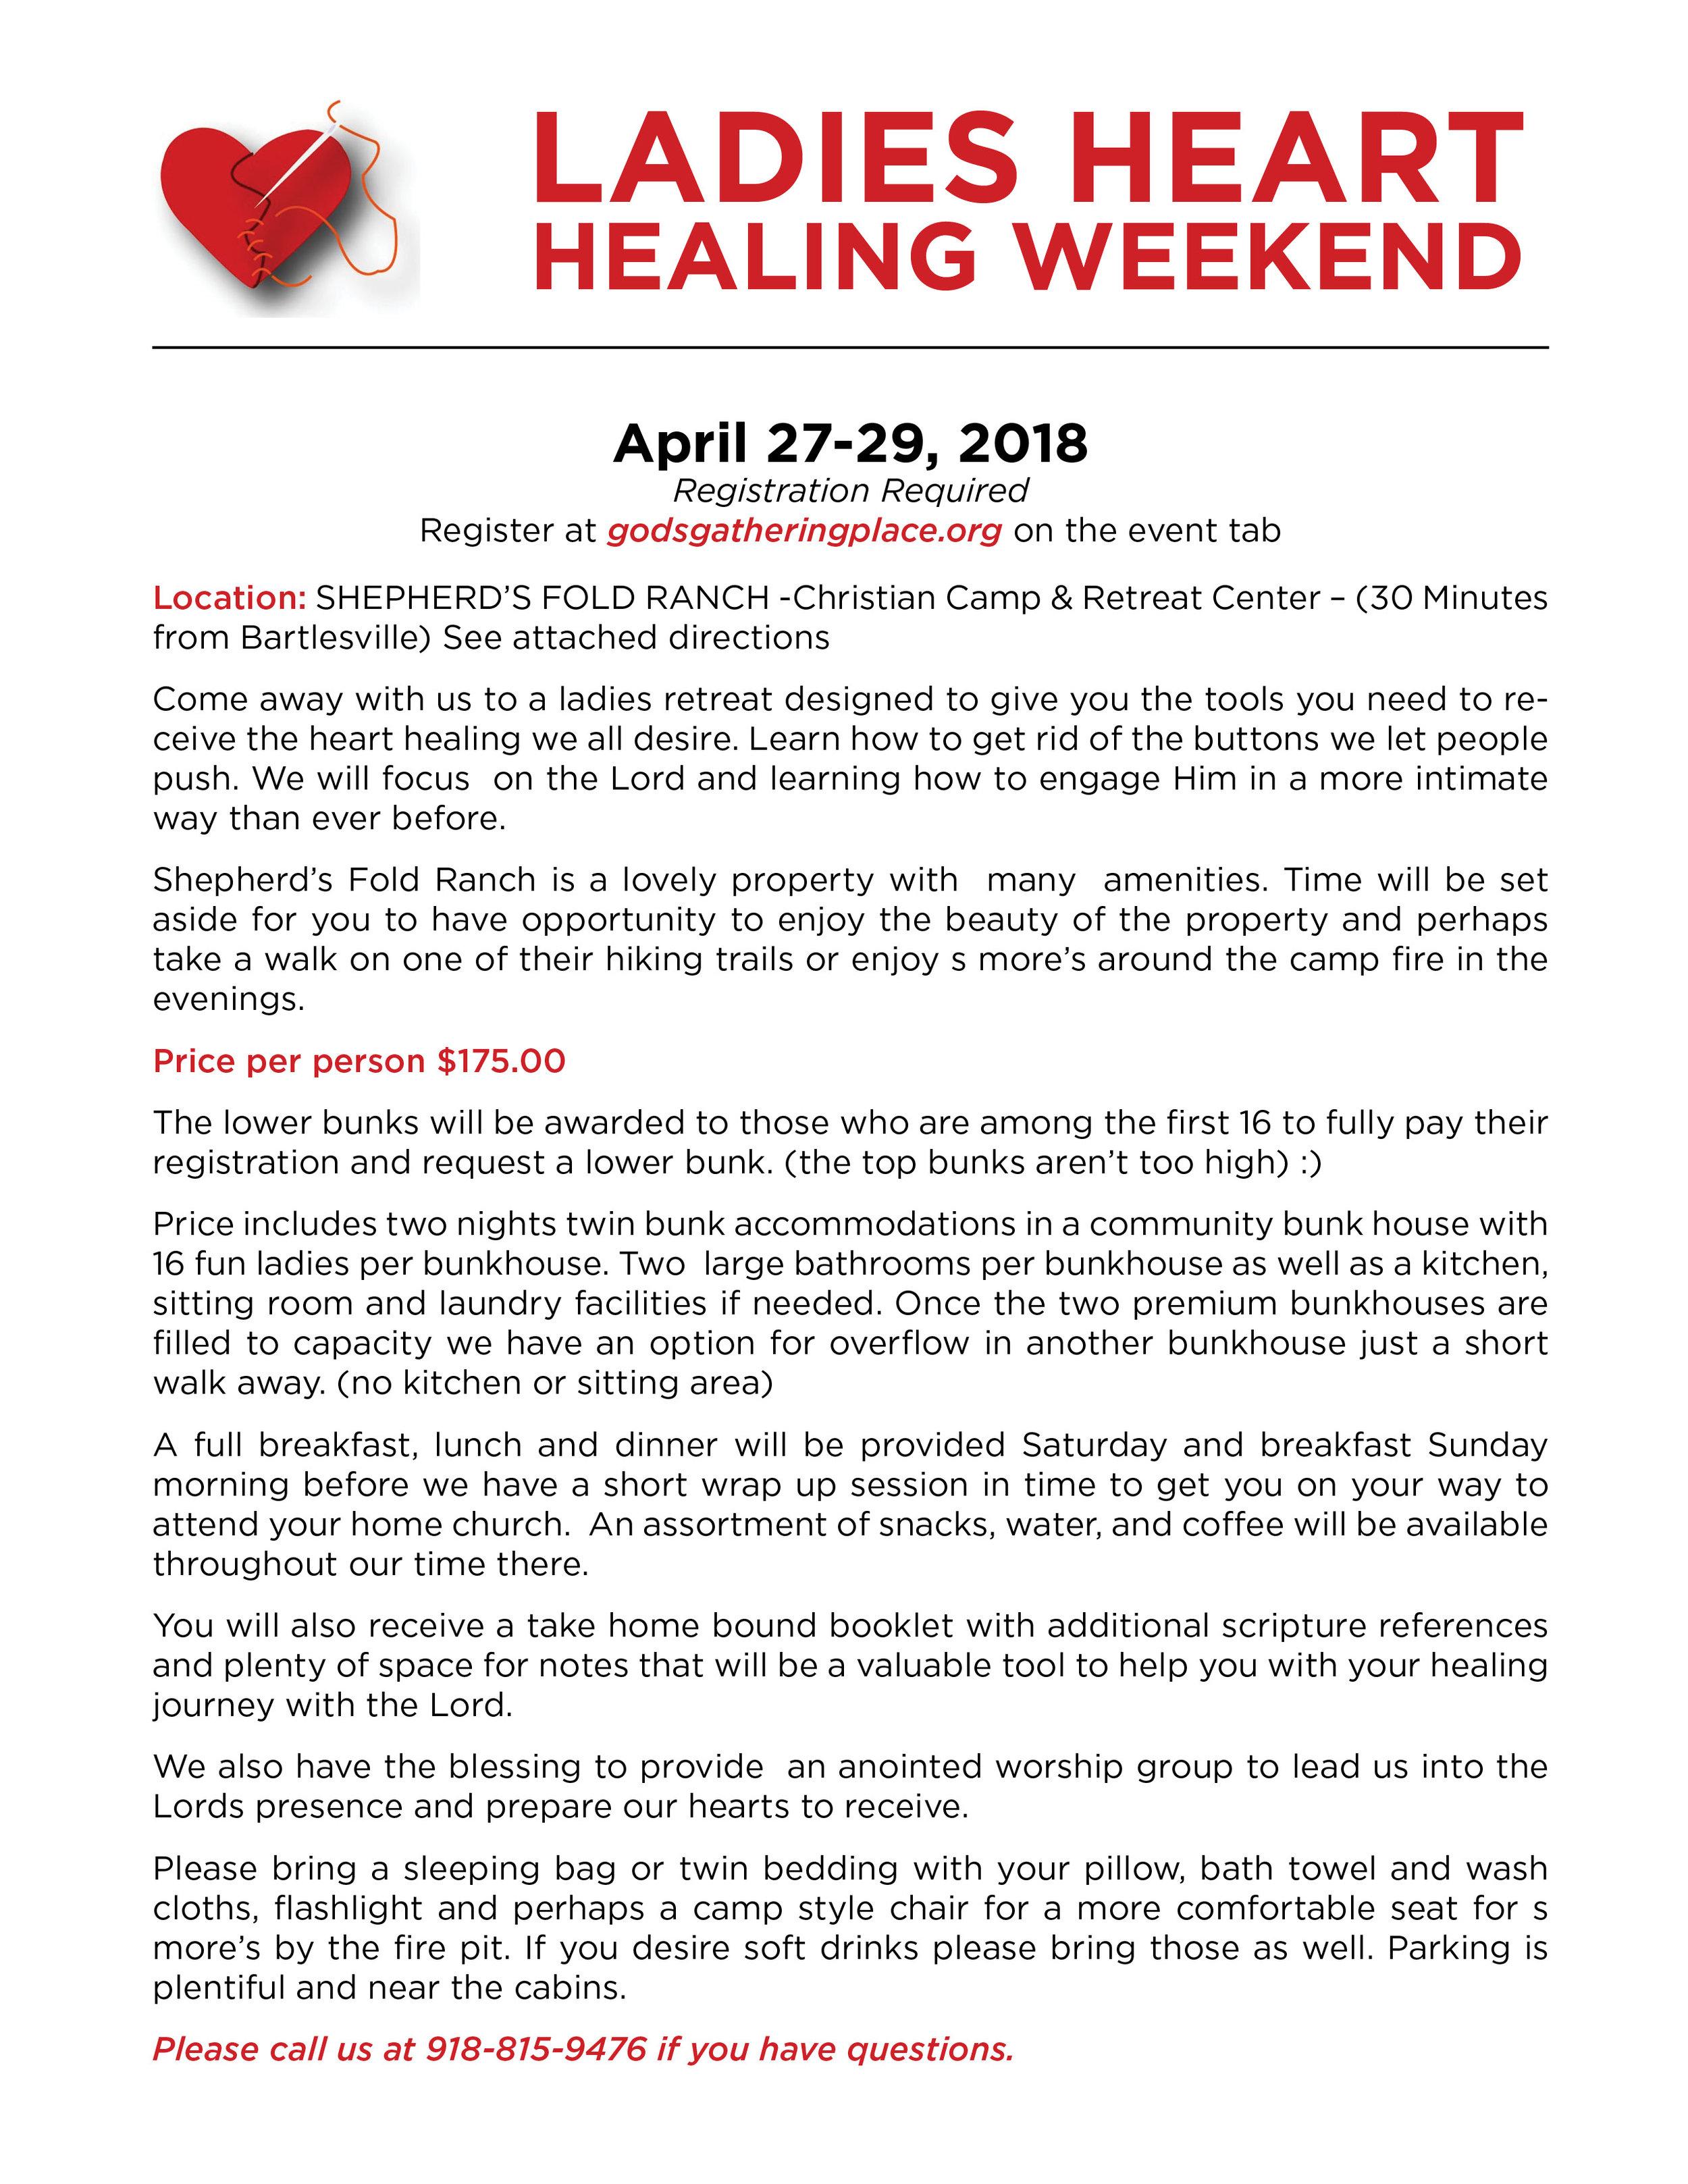 Ladies Heart Healing Weekend Information.jpg